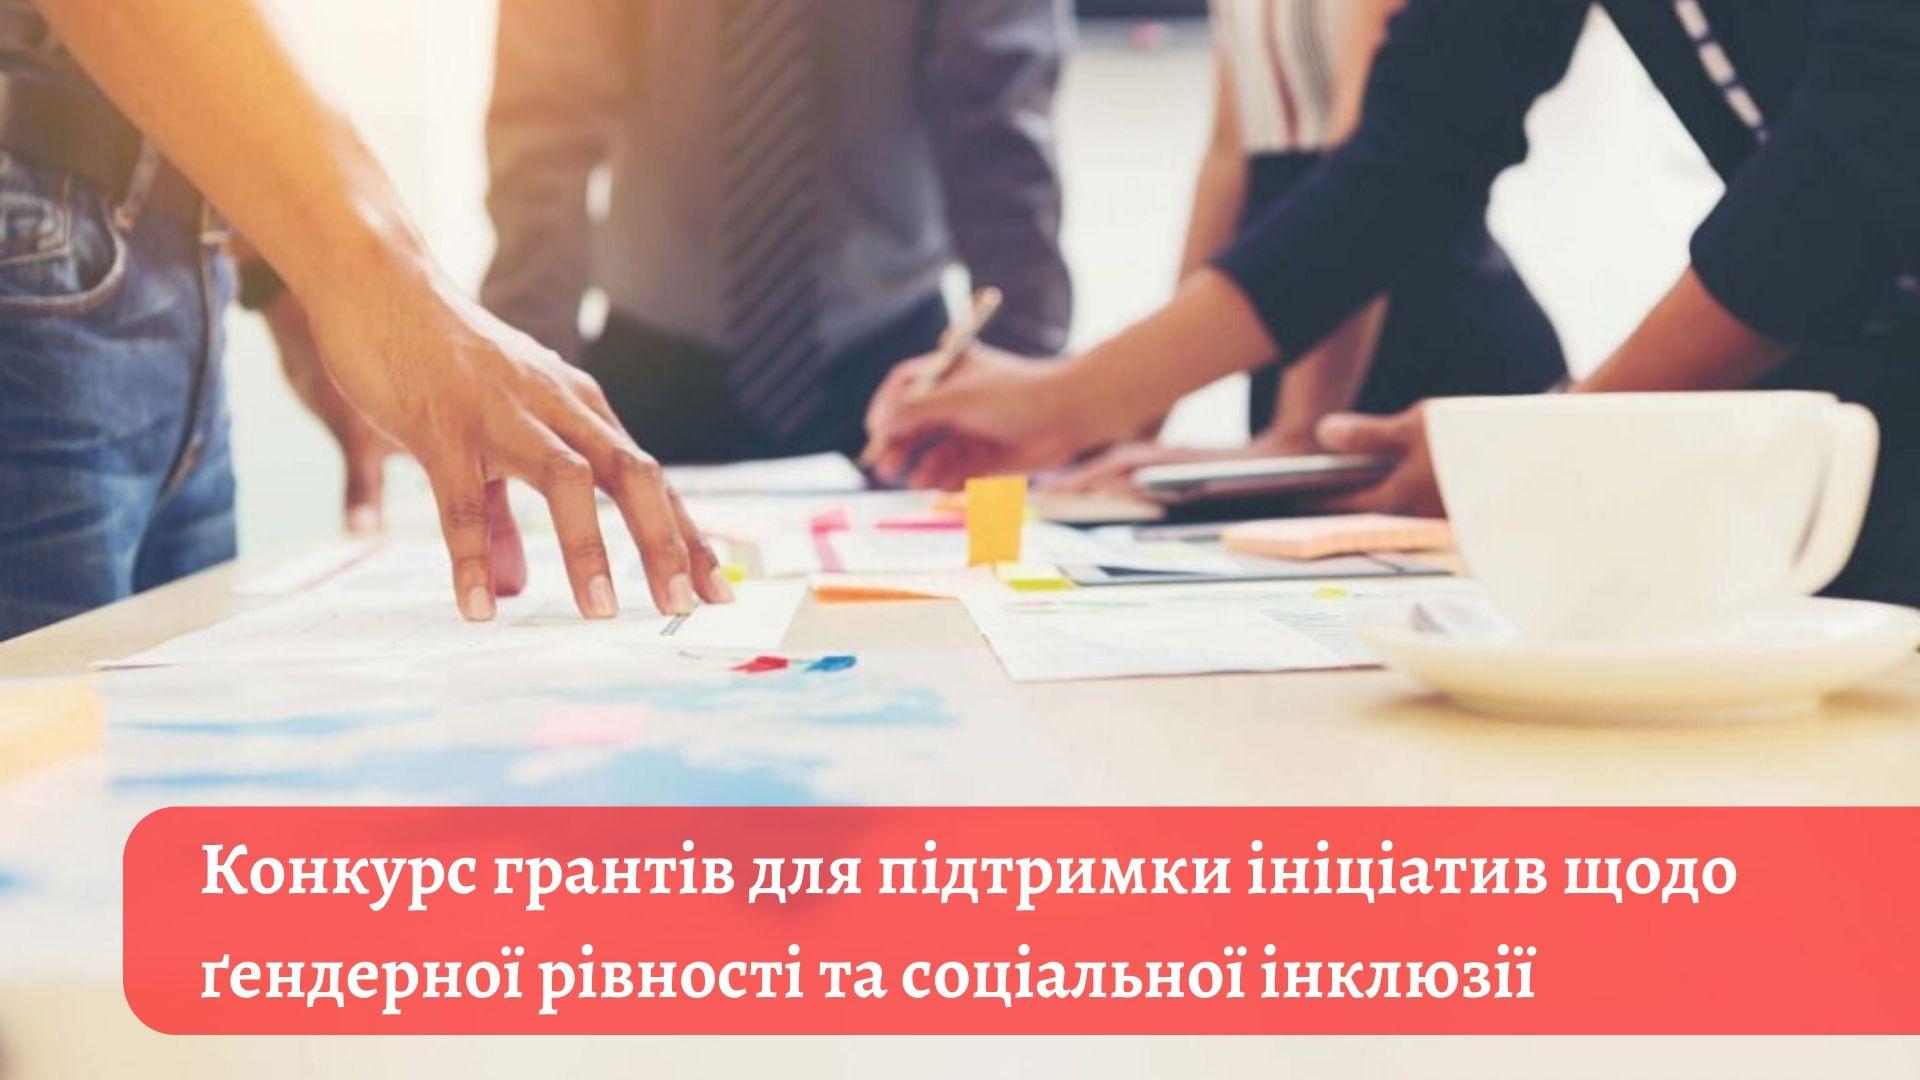 Конкурс грантів для підтримки ініціатив щодо ґендерної рівності та соціальної інклюзії